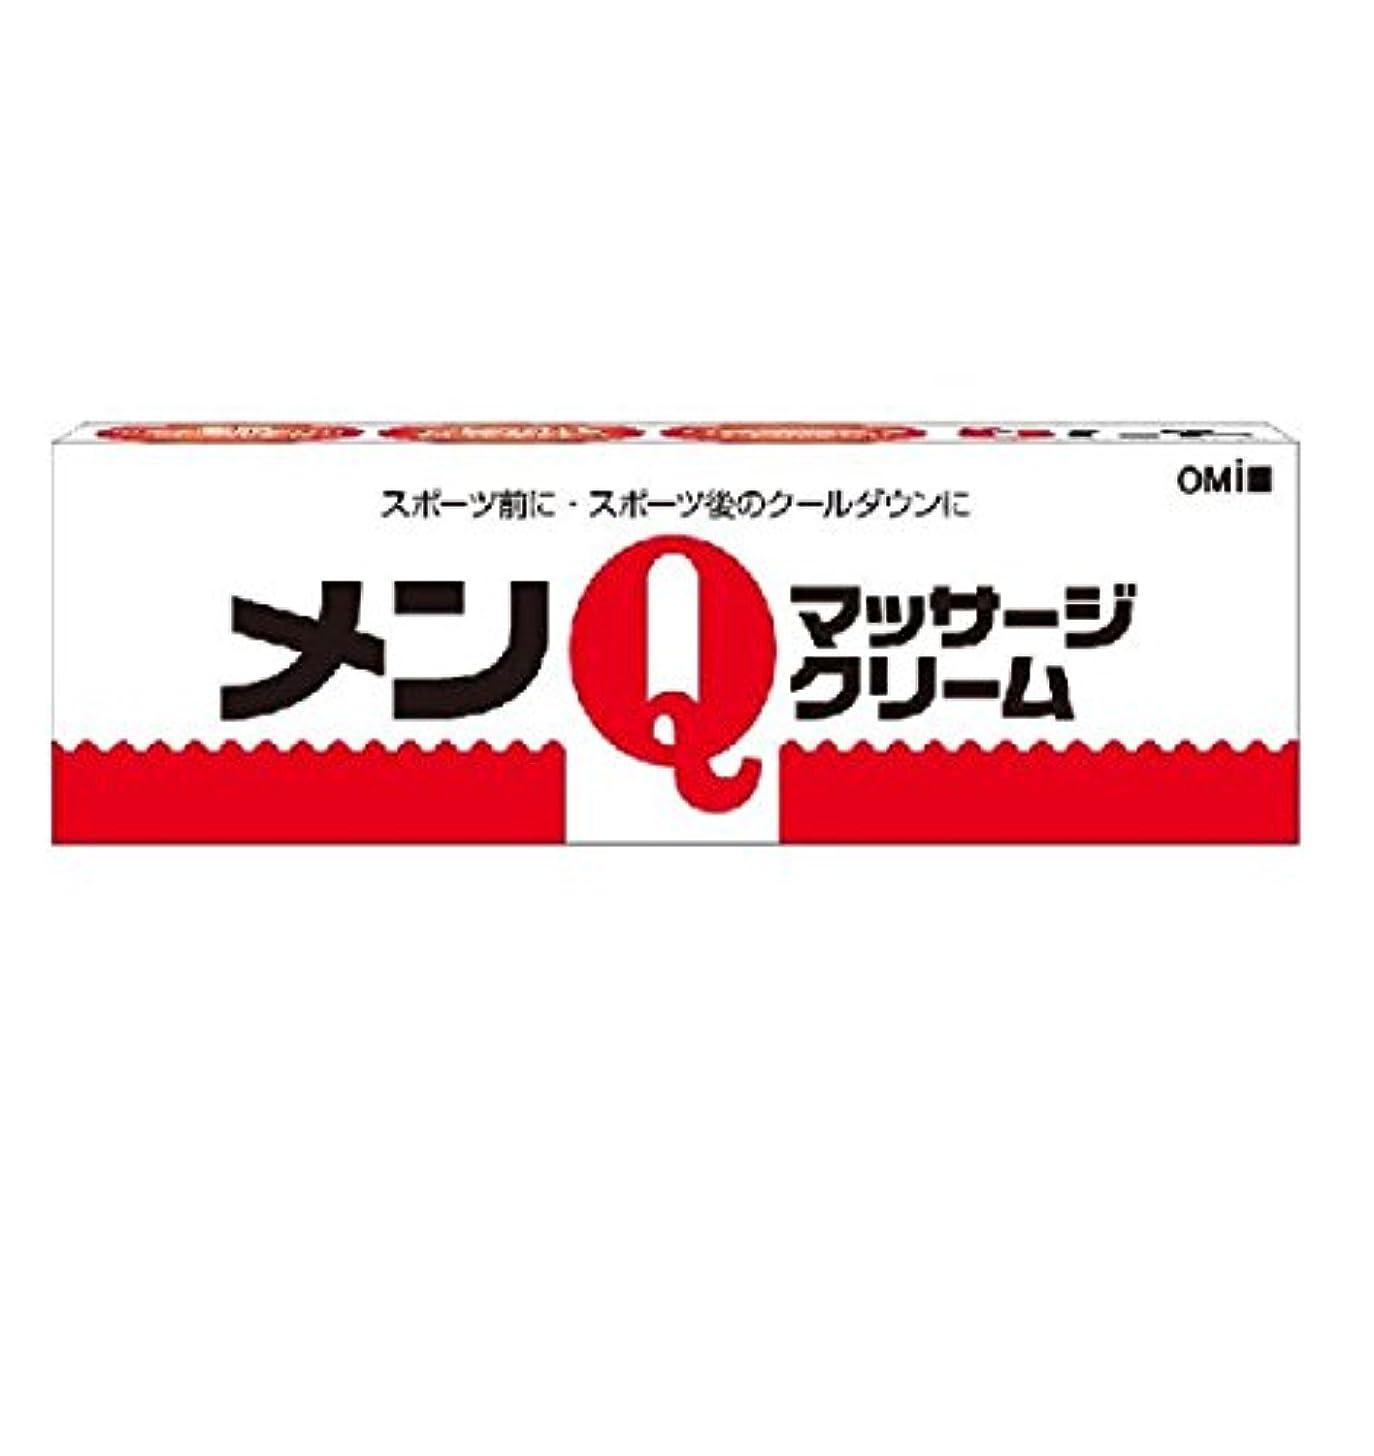 全体味付けプレミアム近江兄弟社 メンQマッサージクリーム 65g